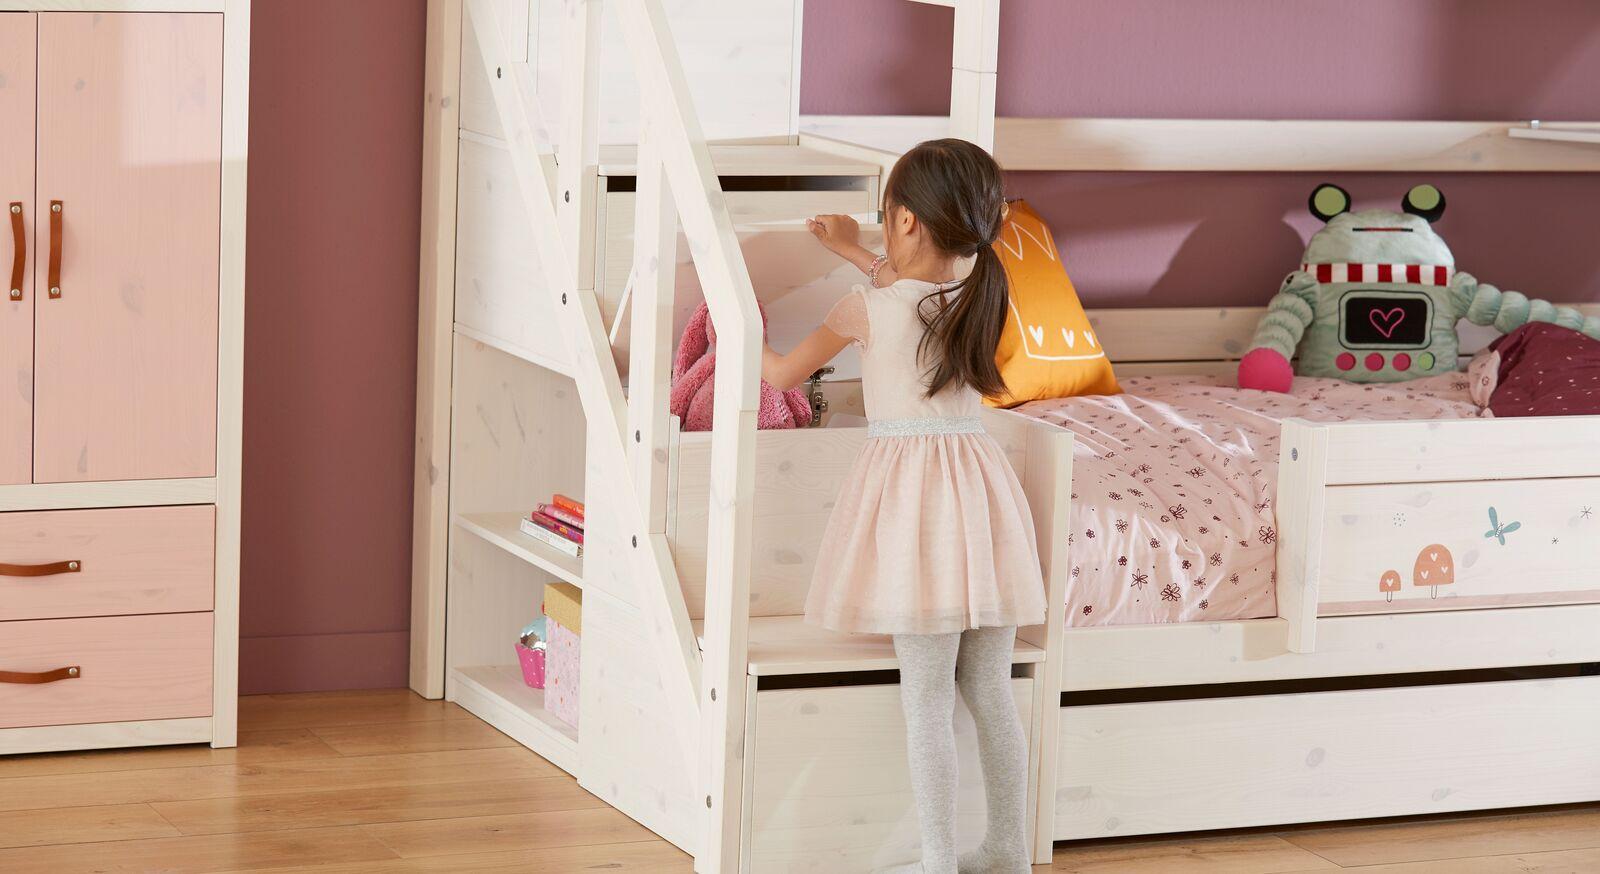 LIFETIME Treppenmodul mit Stauraum für Kinderhochbetten